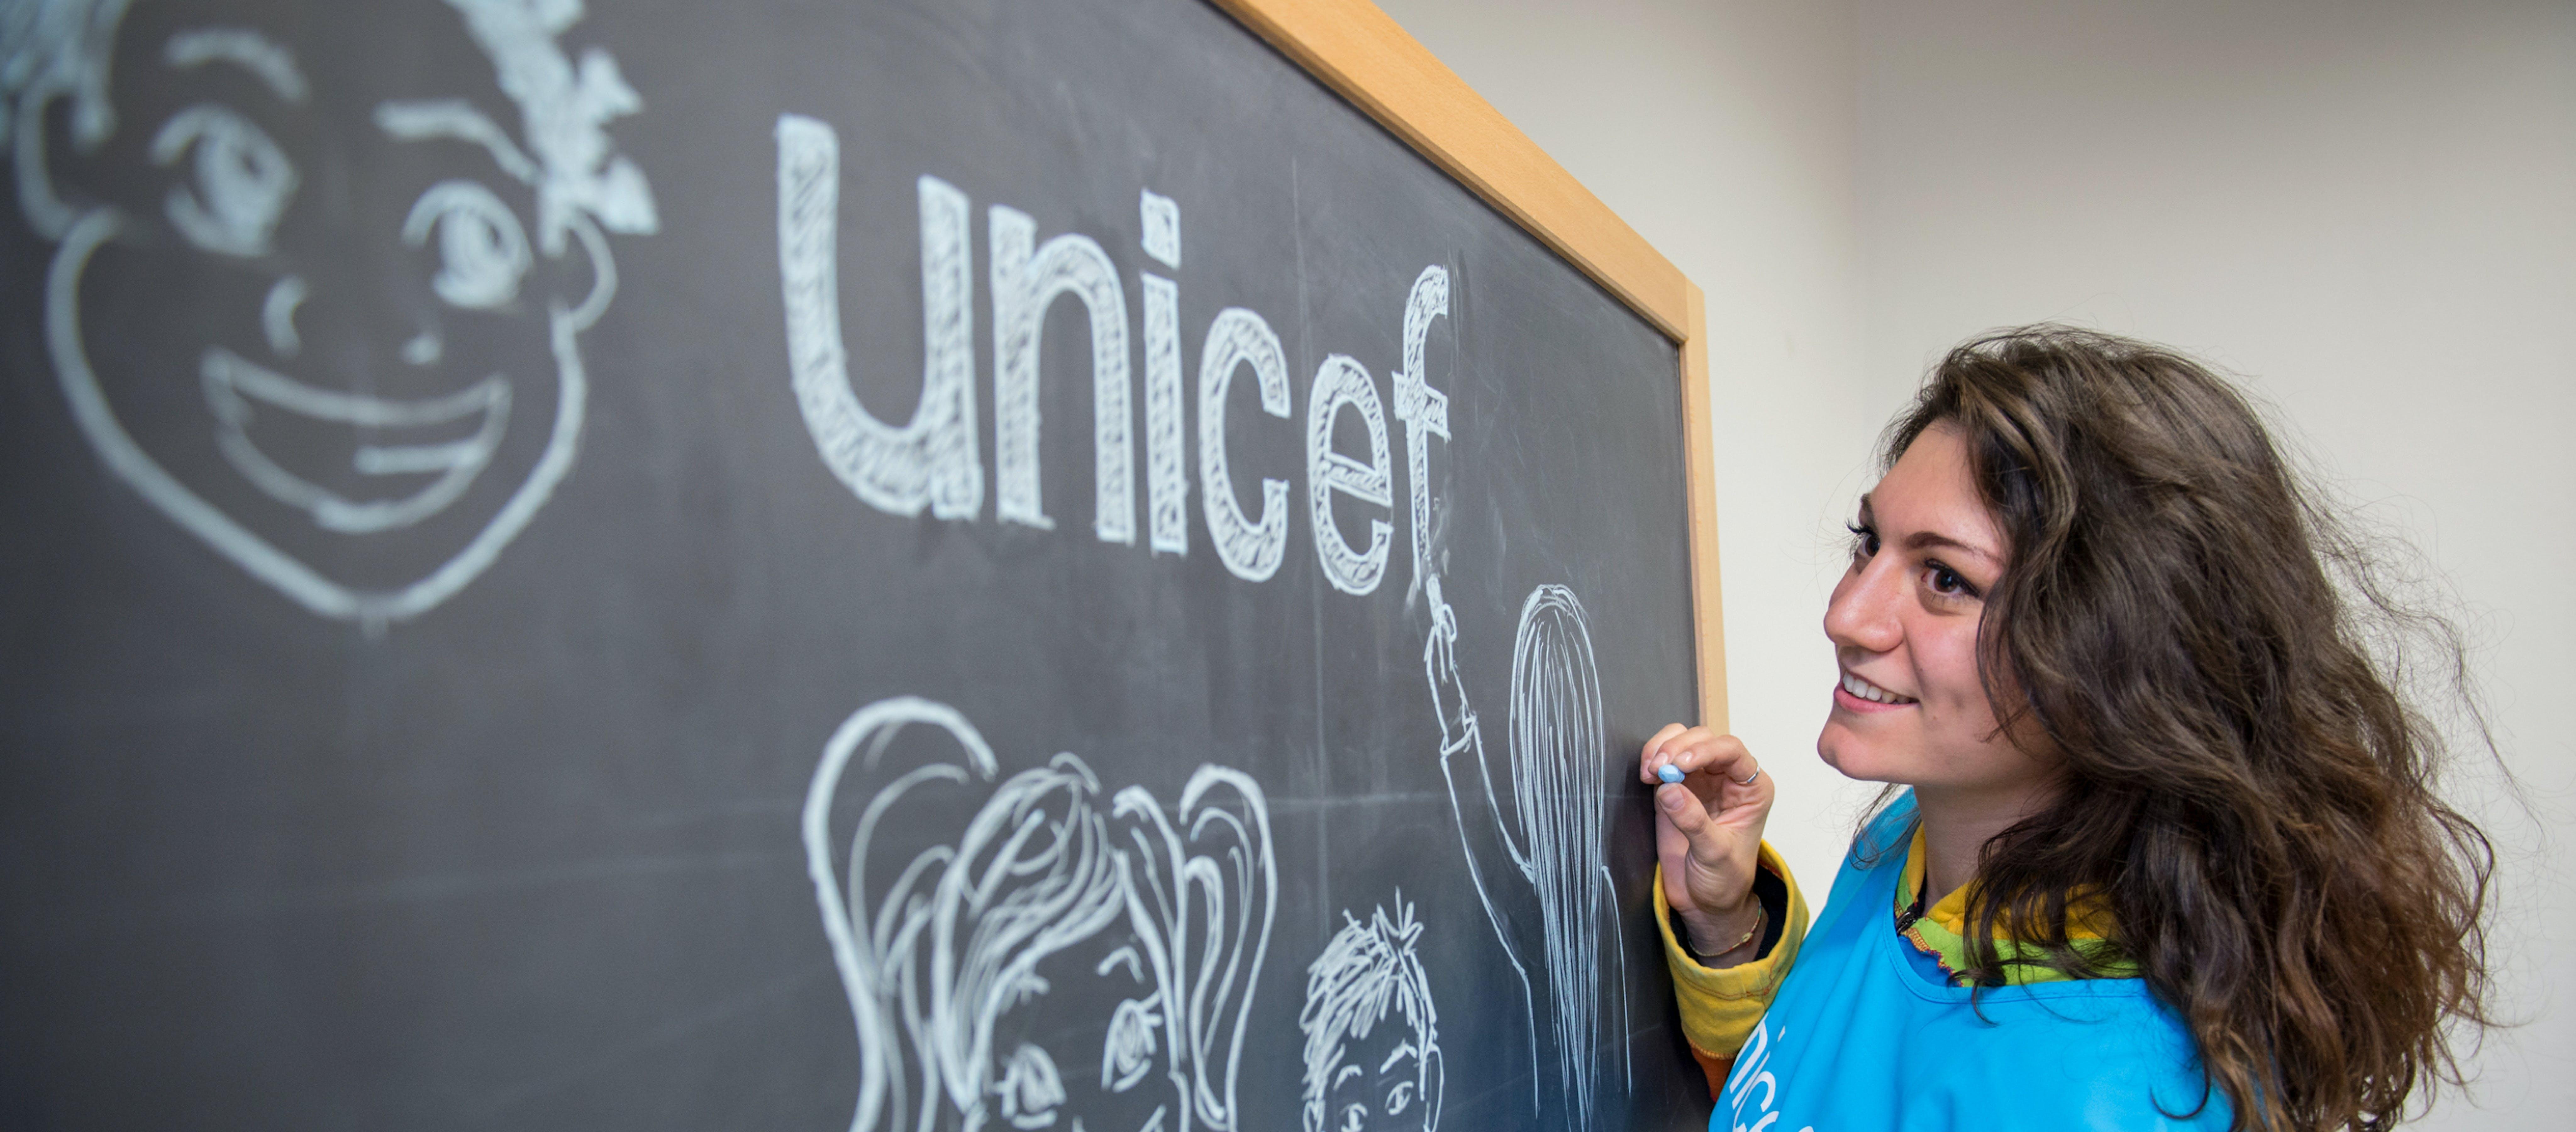 Le iniziative e gli eventi organizzate dai volontari UNICEF